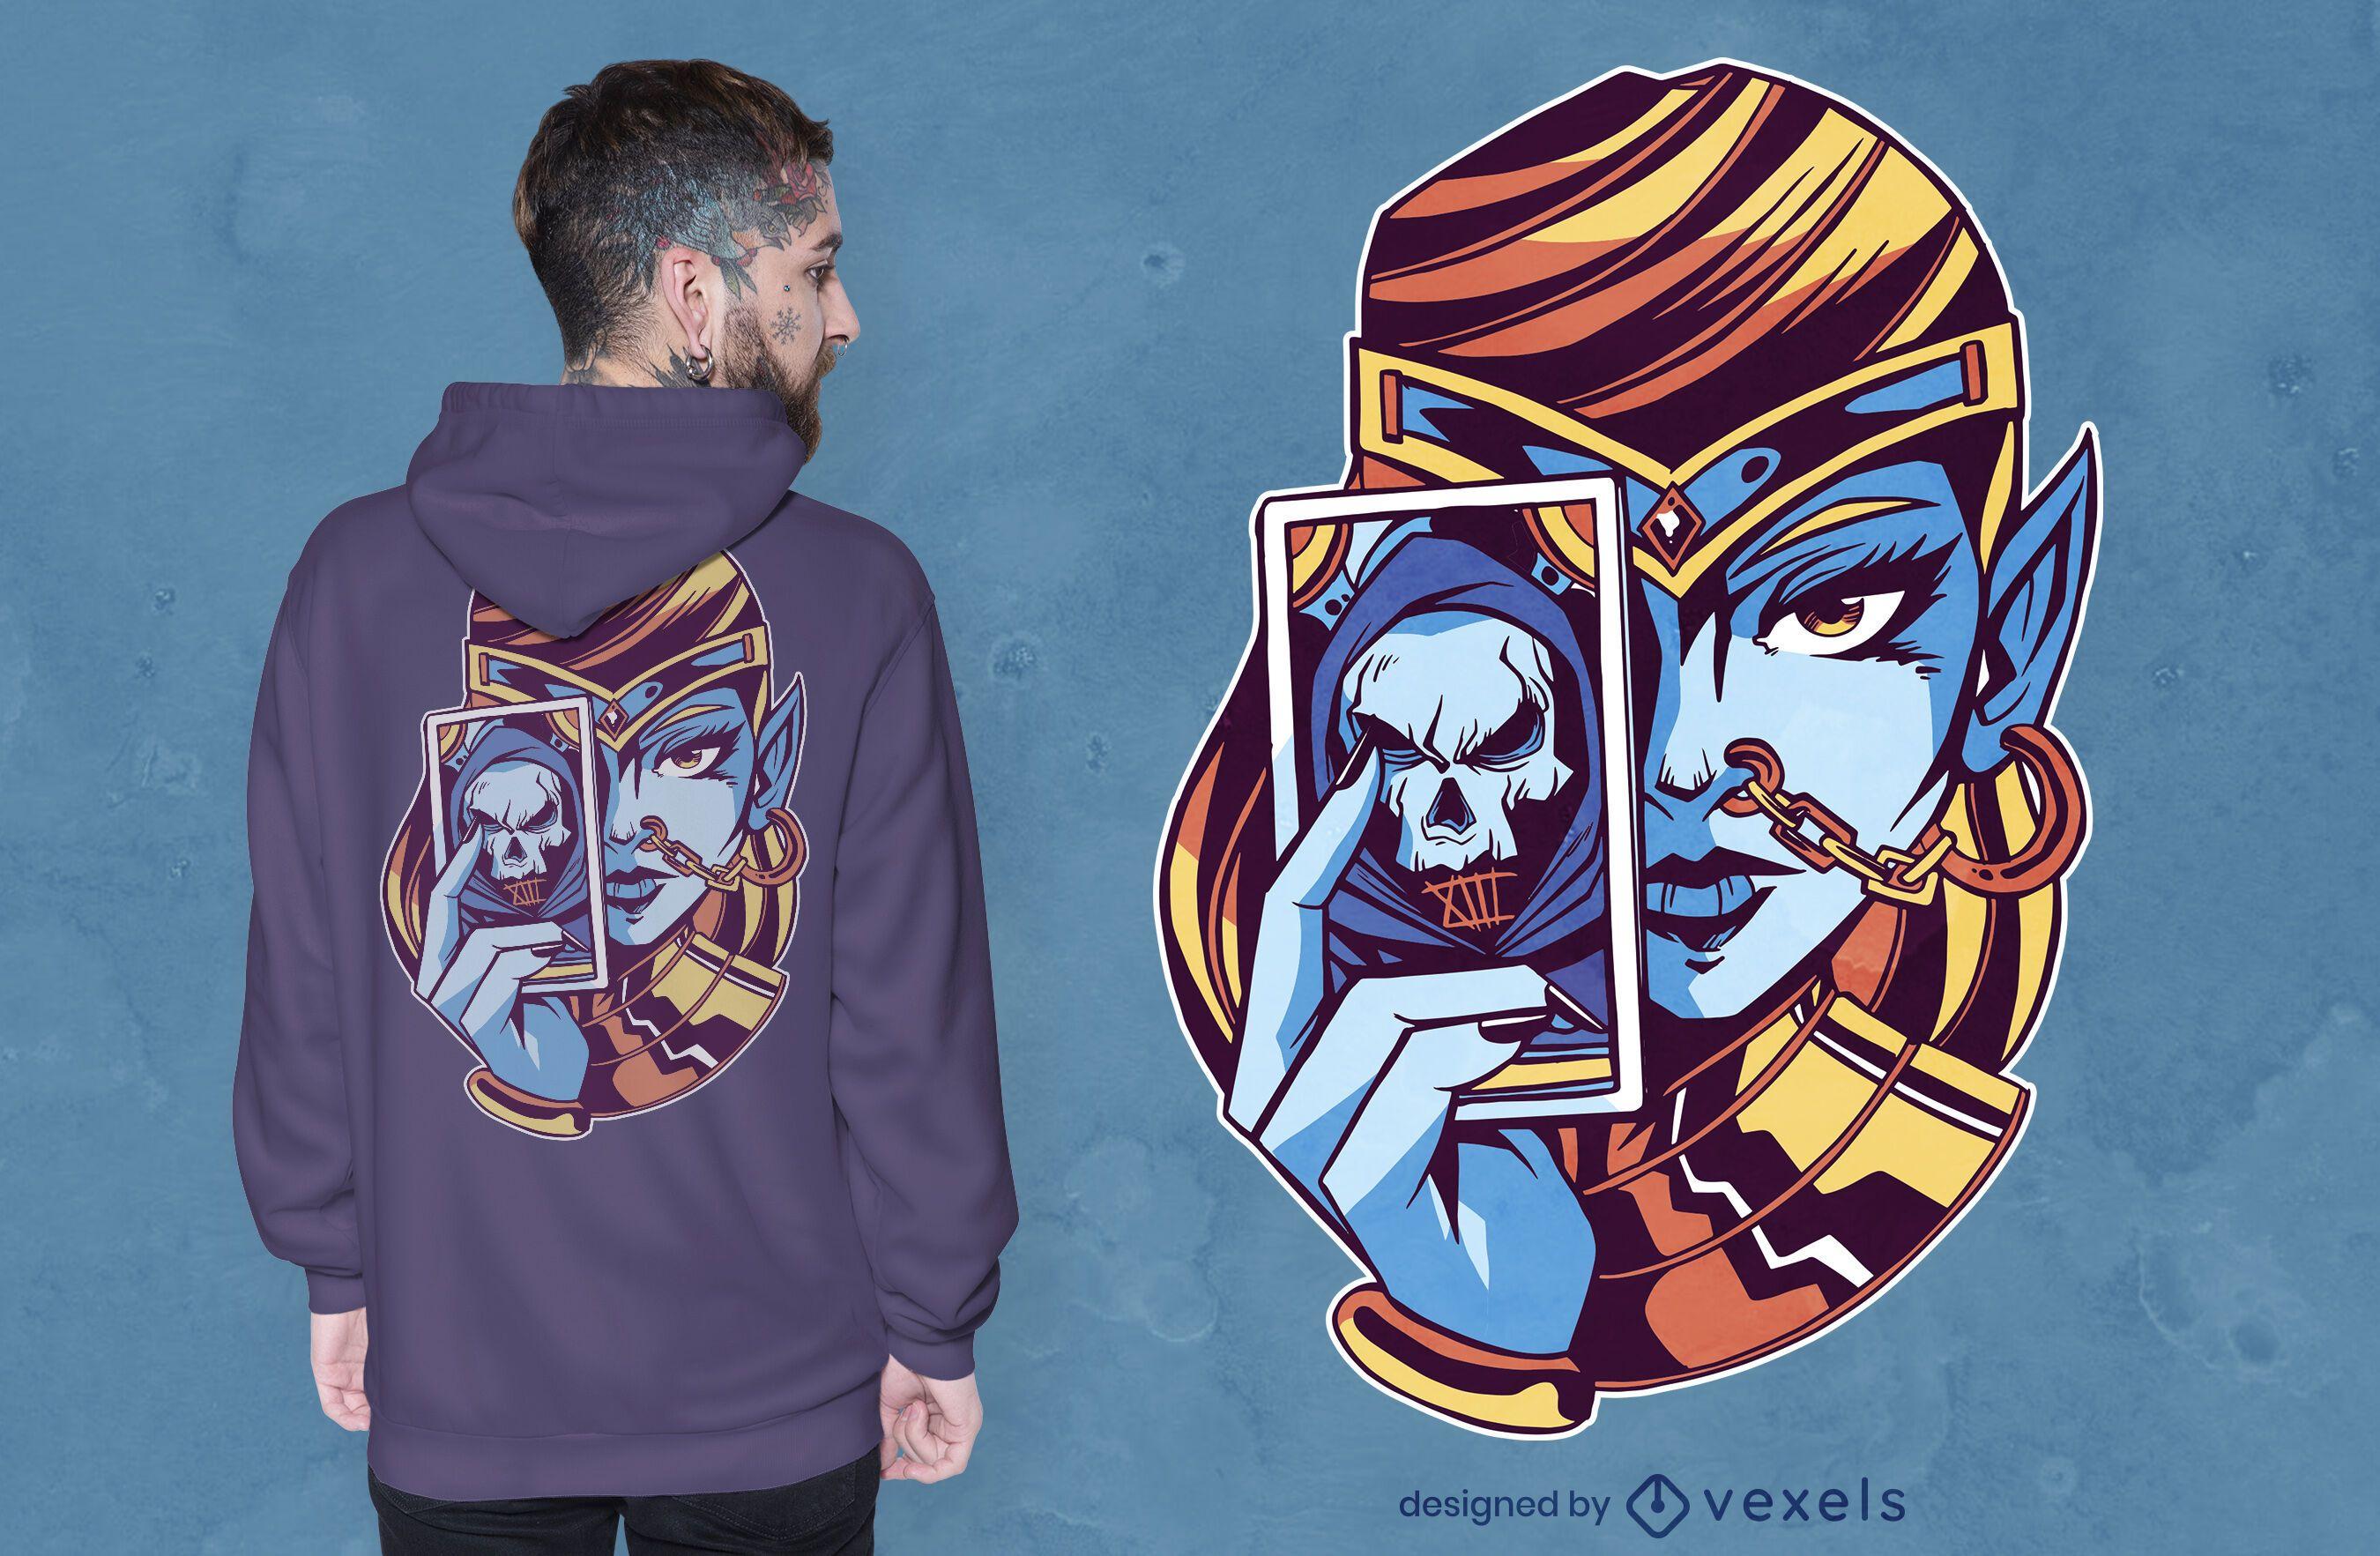 Fortune teller t-shirt design